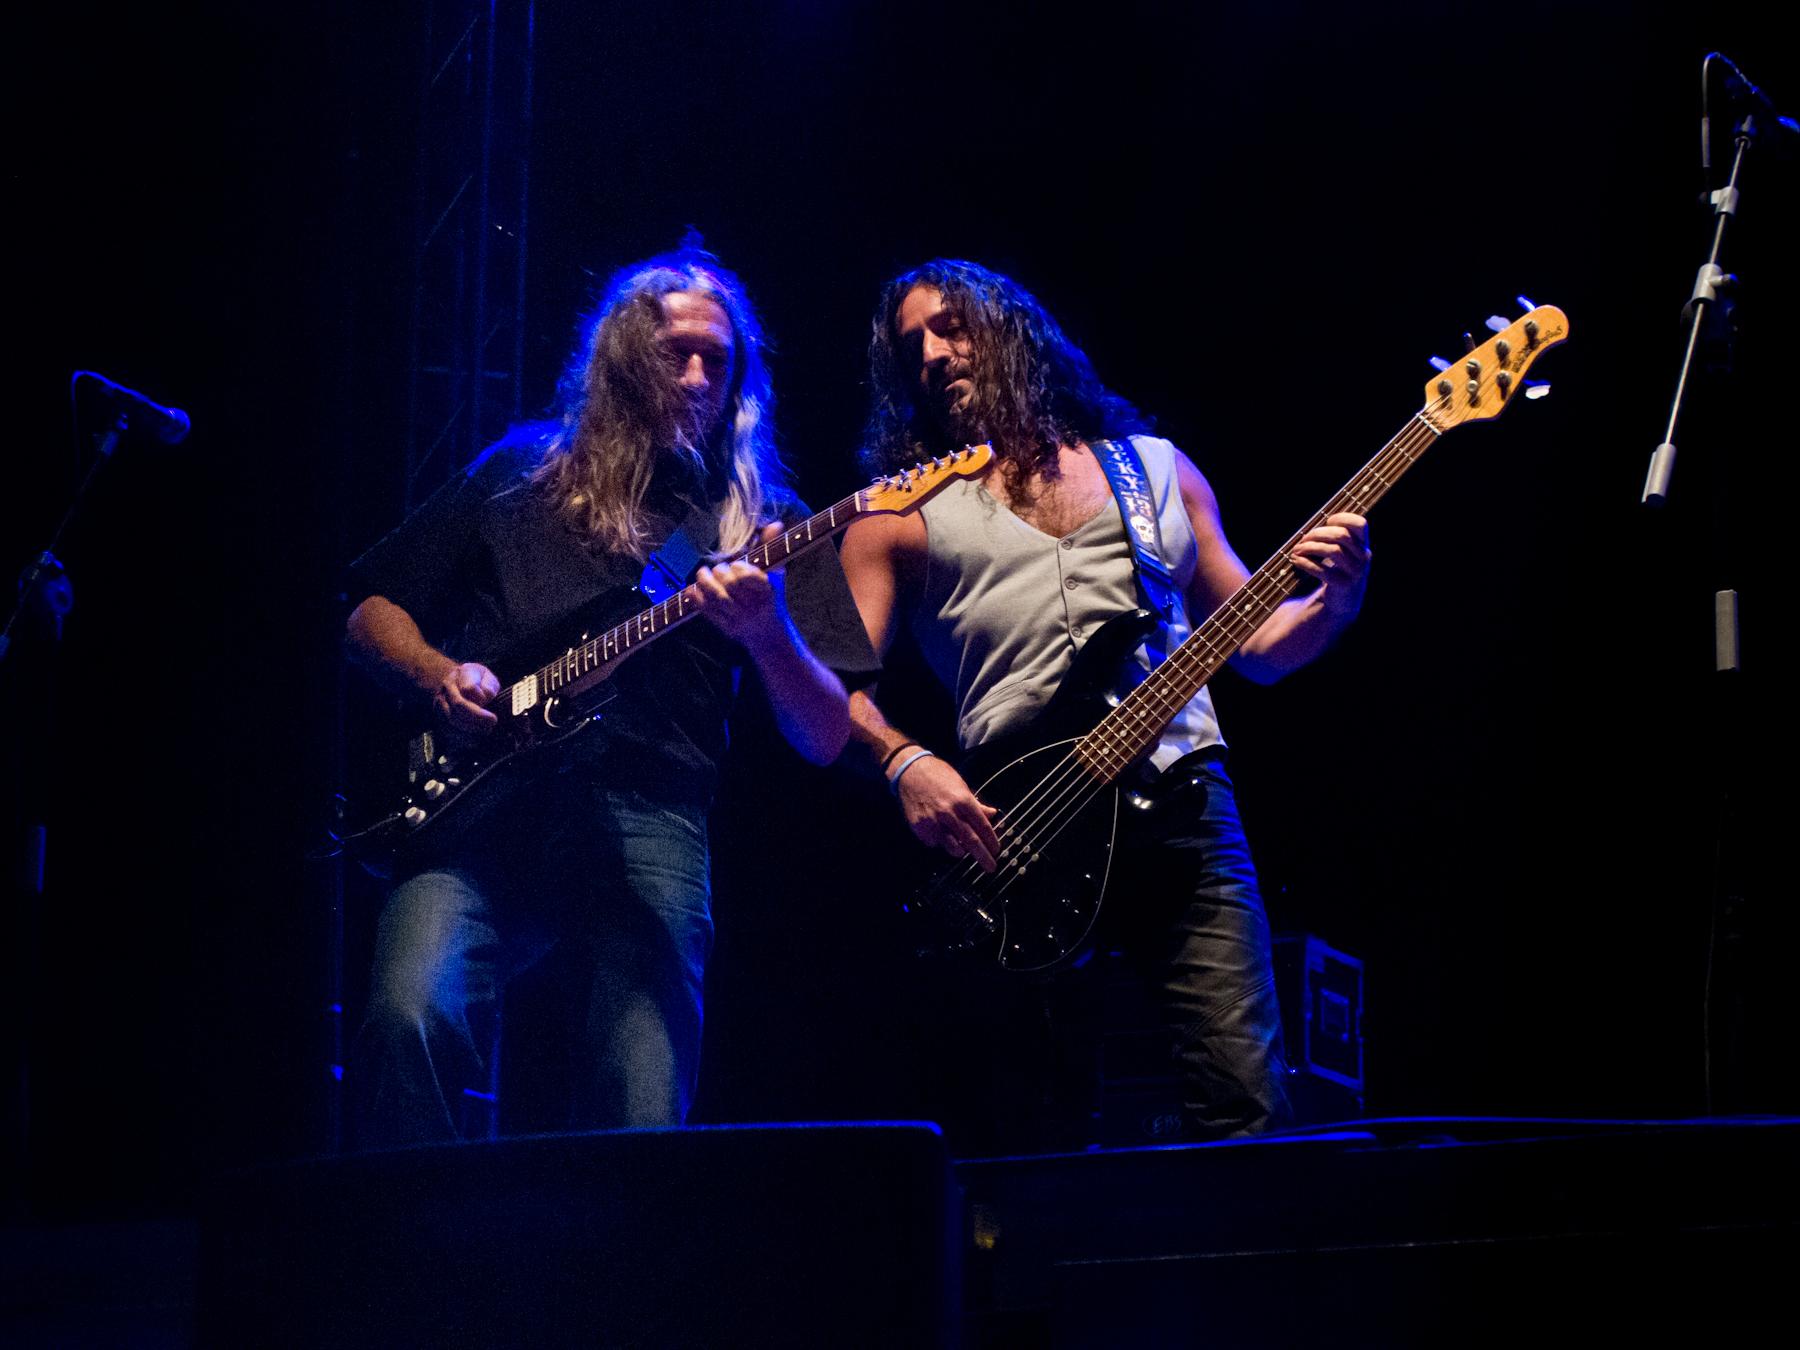 Rosendo actuando junto al bajista Rafa J. Vegas en 2012.